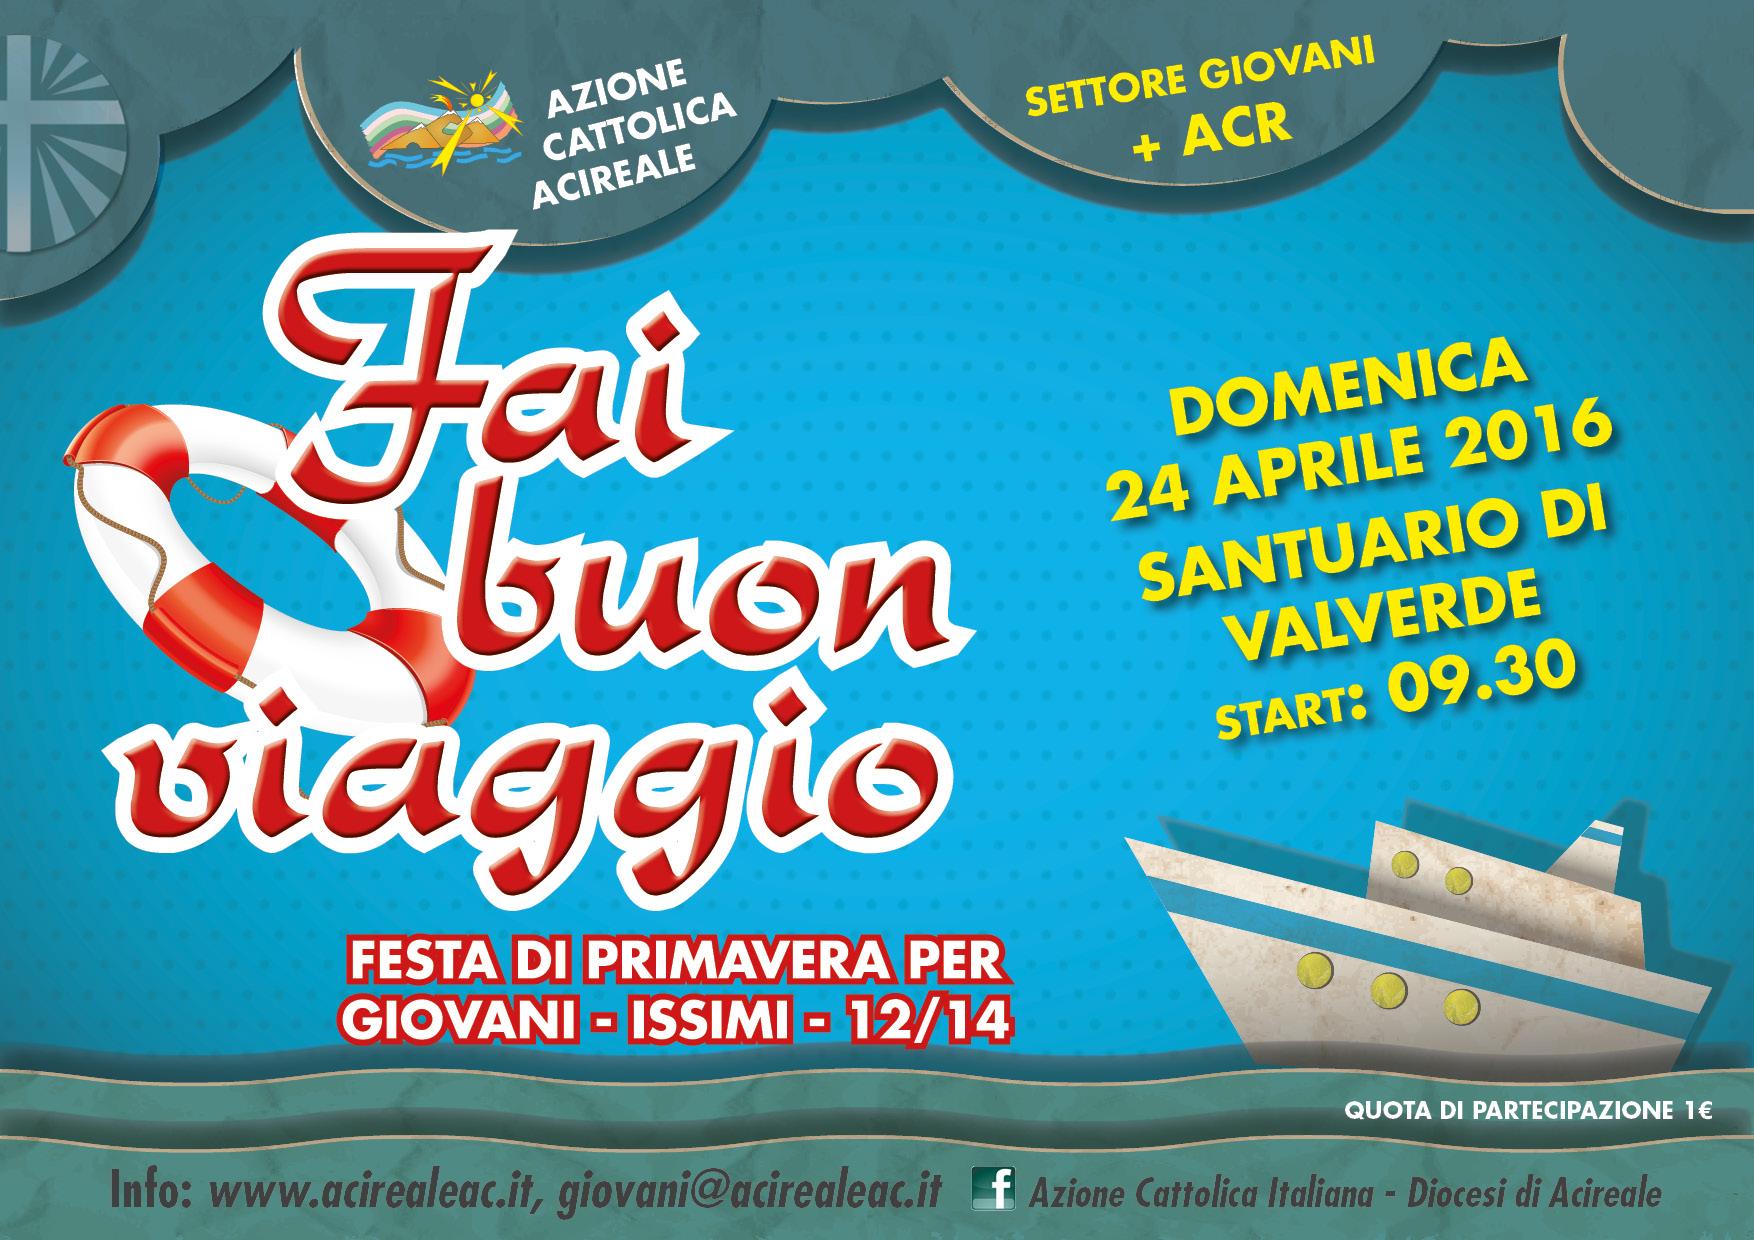 FAI BUON VIAGGIO!!! Festa di primavera giovani, issimi e ACR!